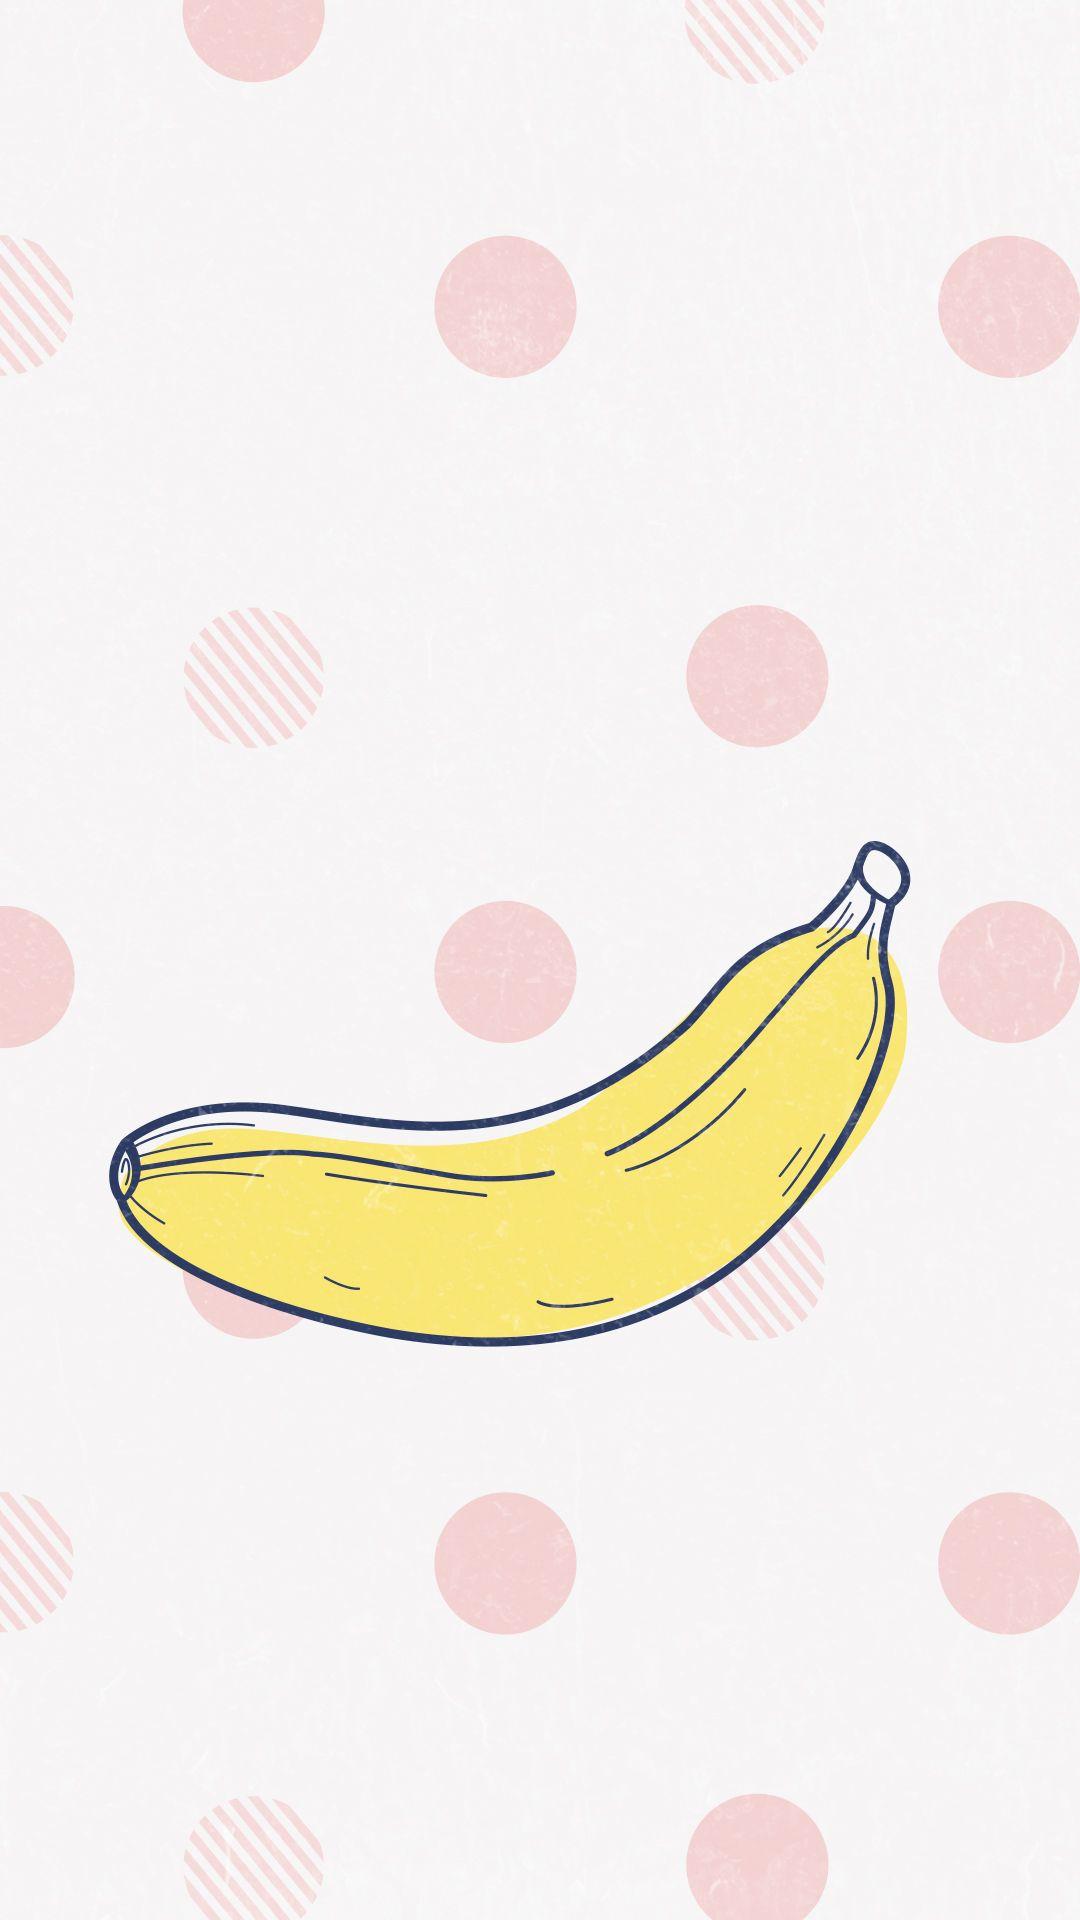 Fondecran-banane.jpg (1080×1920)